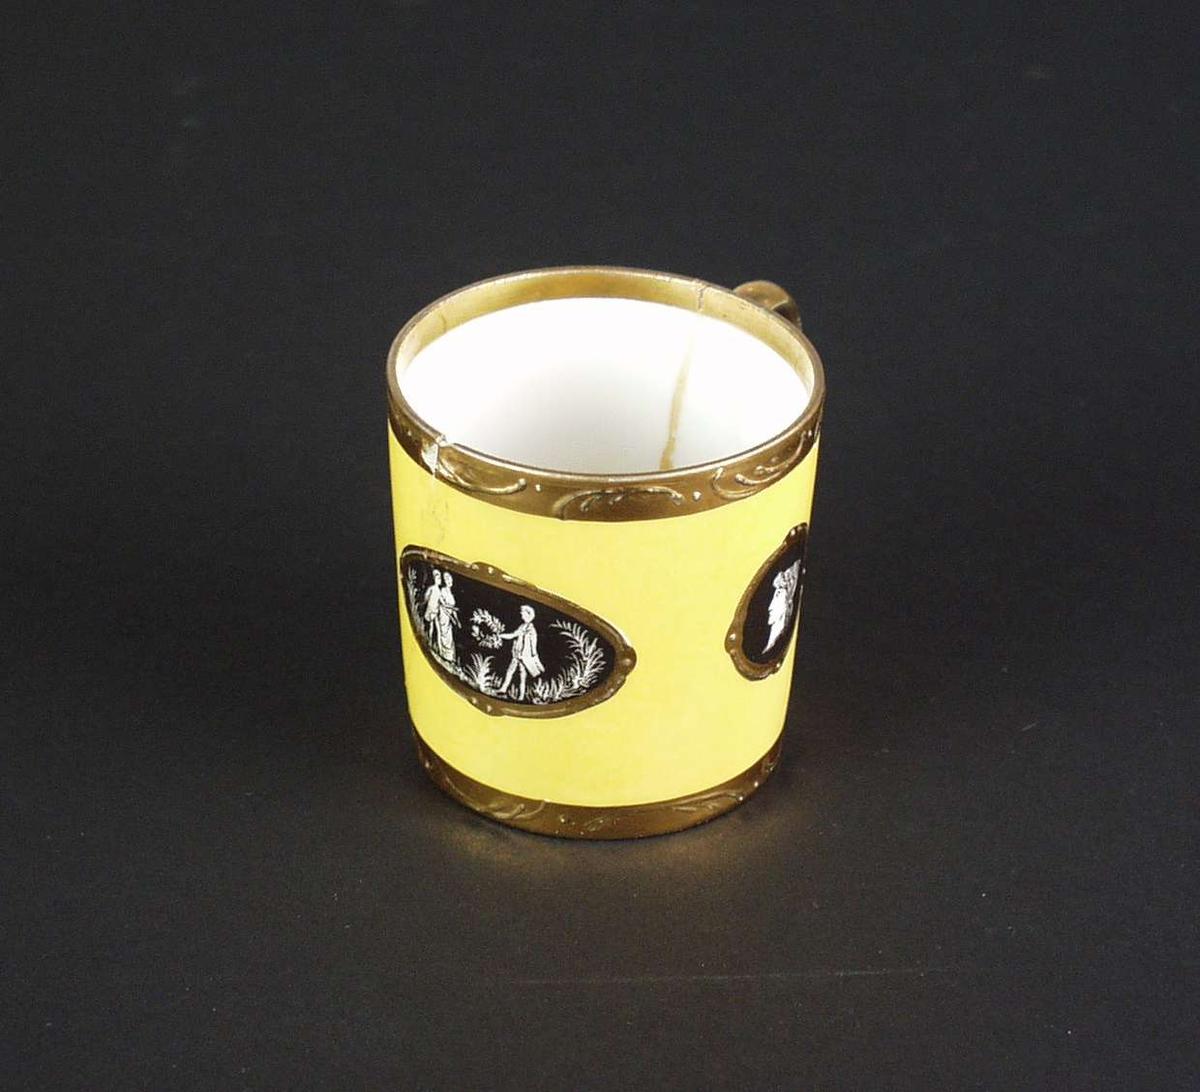 Mokkakopp, gul med forgylt og sort dekor. Innsiden er hvit. Stempelet er en N med en krone over. Stempelet er orange.